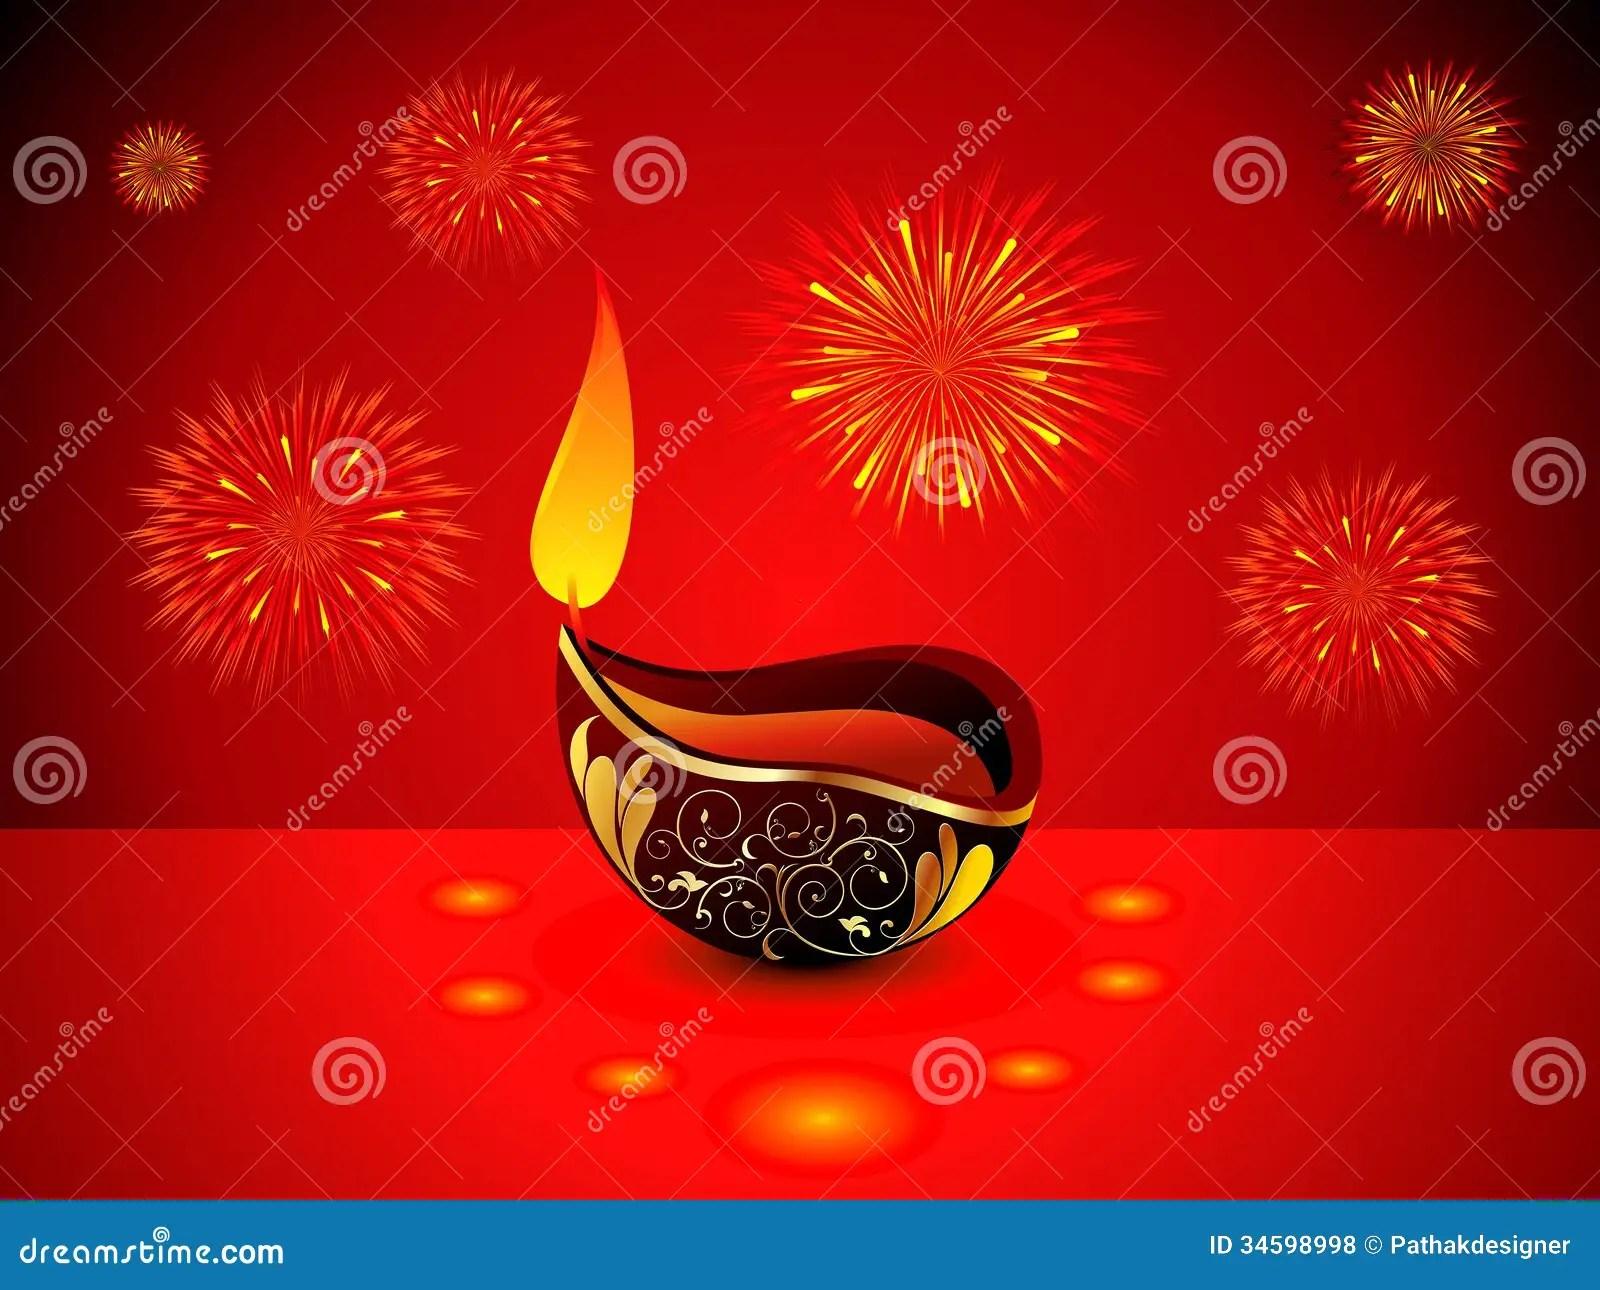 Diya Wallpaper Hd Abstract Artistic Diwali Background Royalty Free Stock